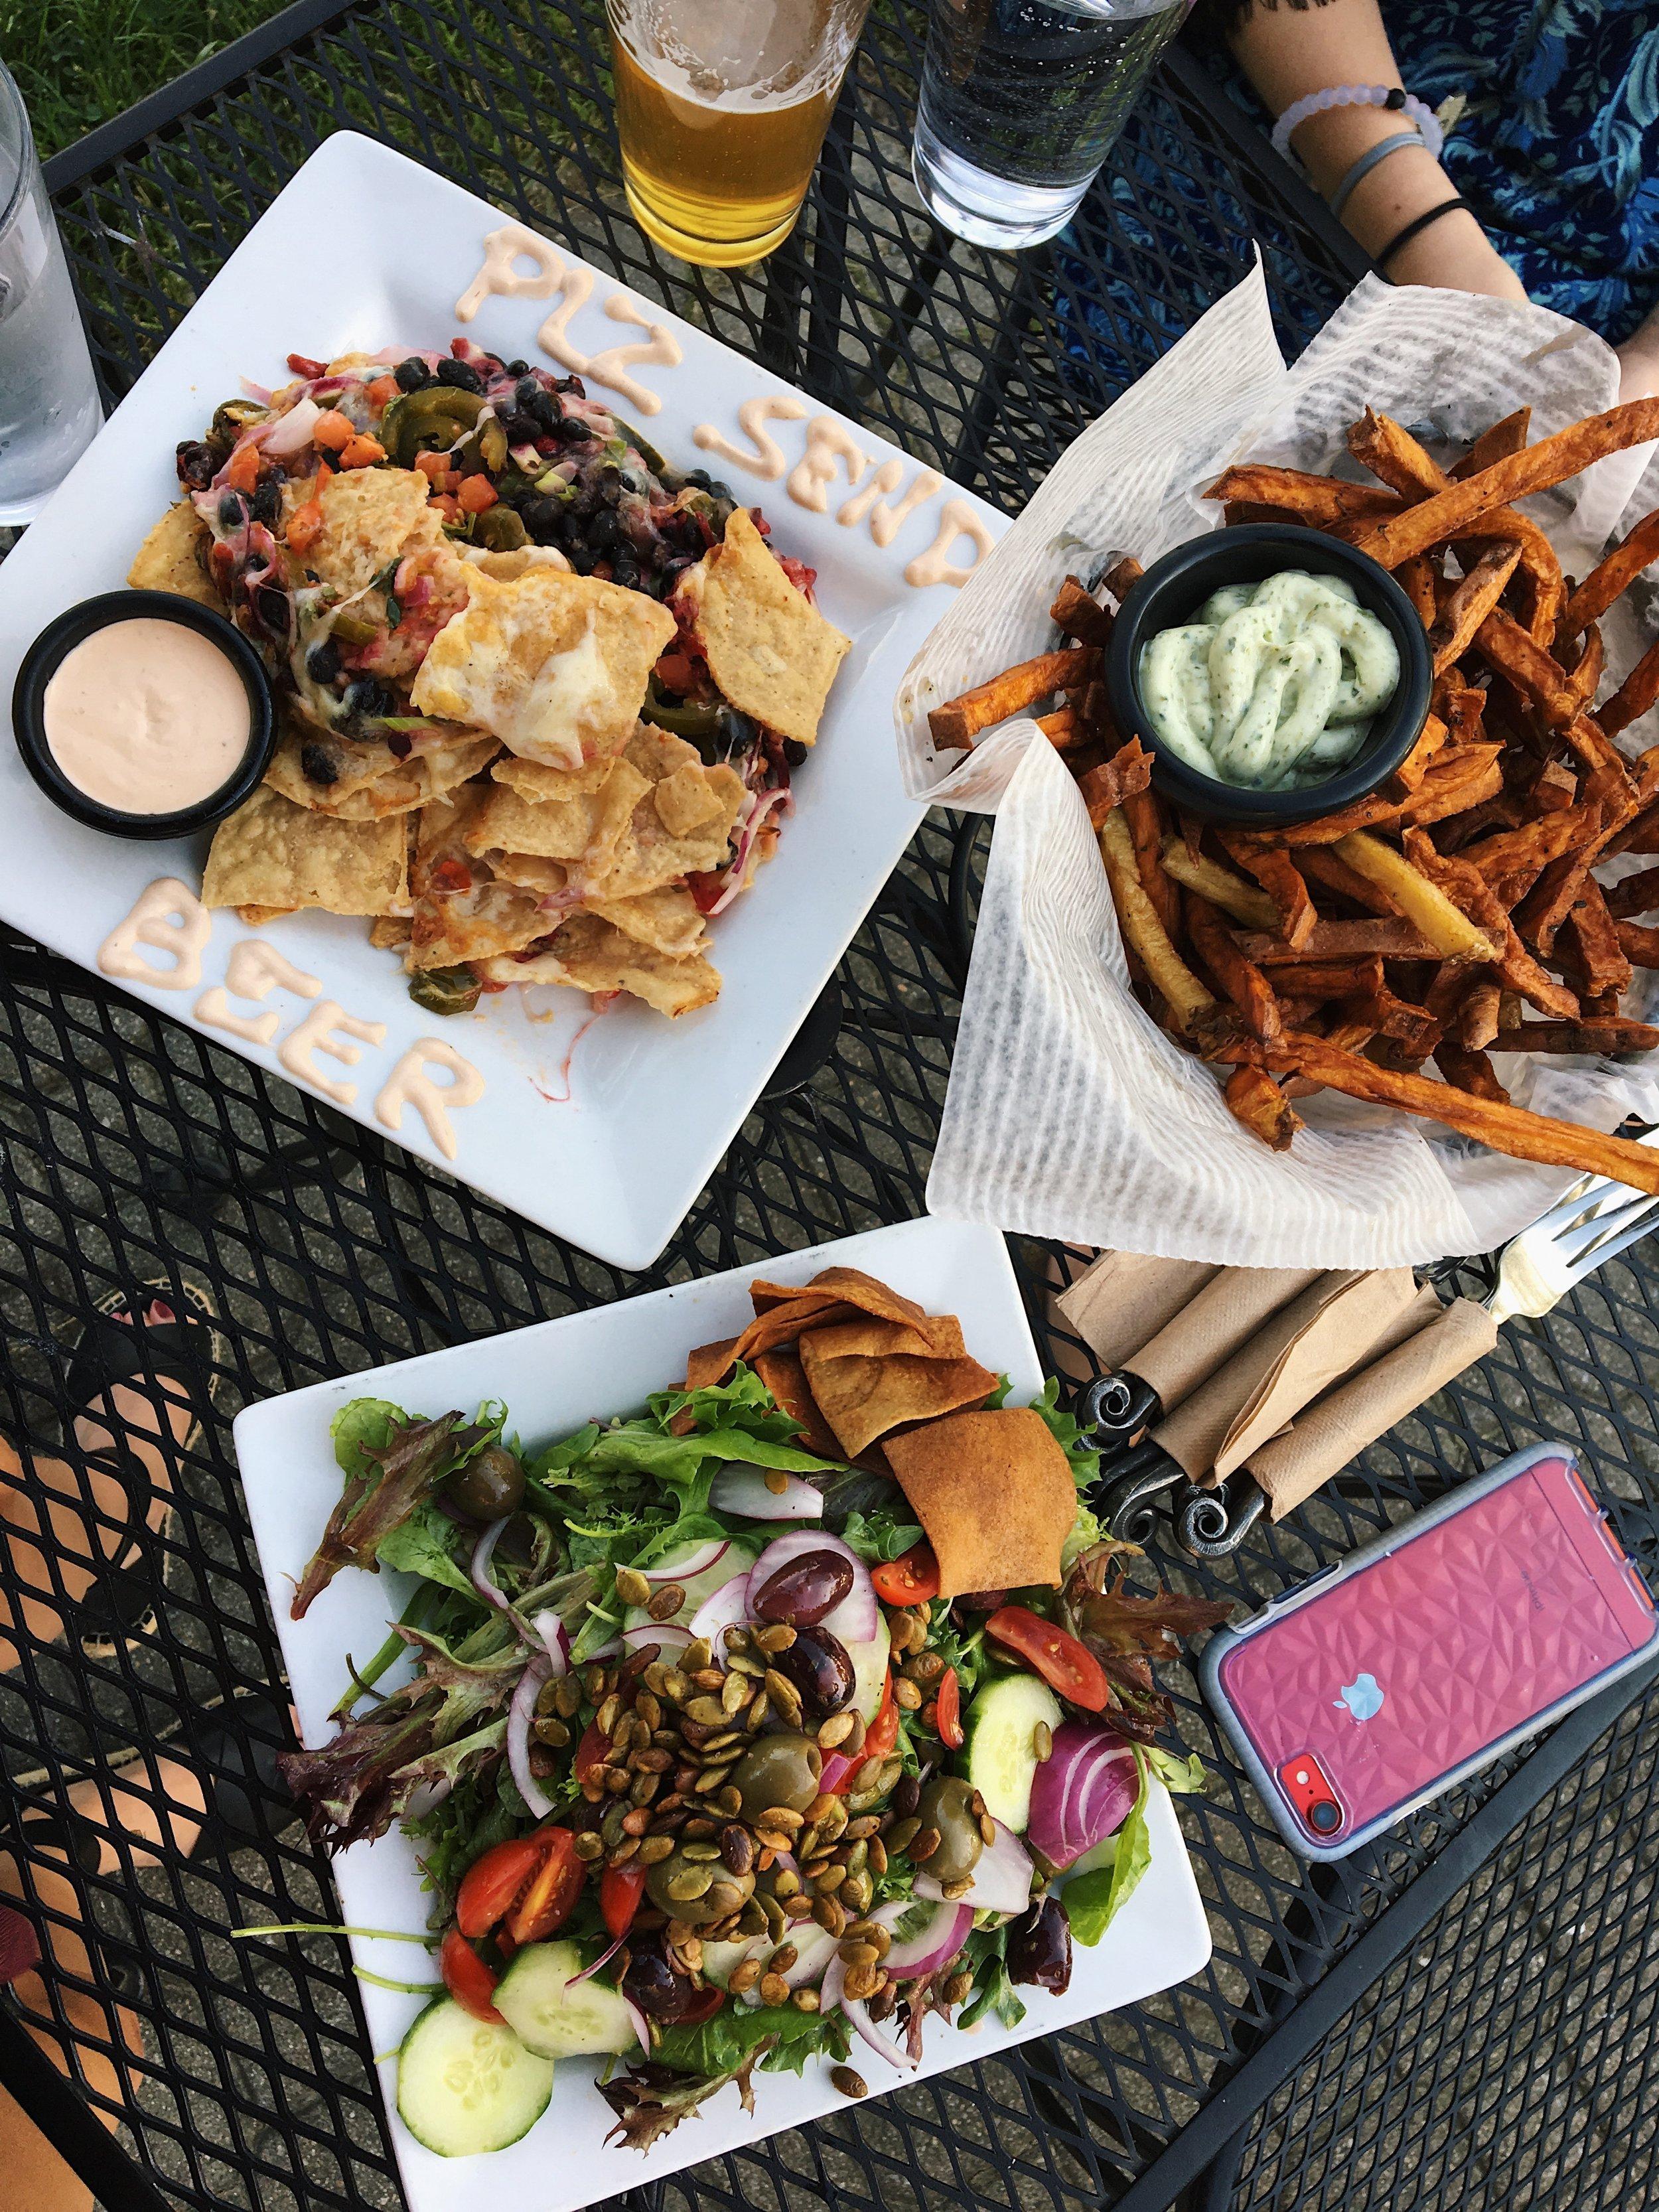 Greek Salad, Sweet Potato Fries, Nachos- Skinny Pancake